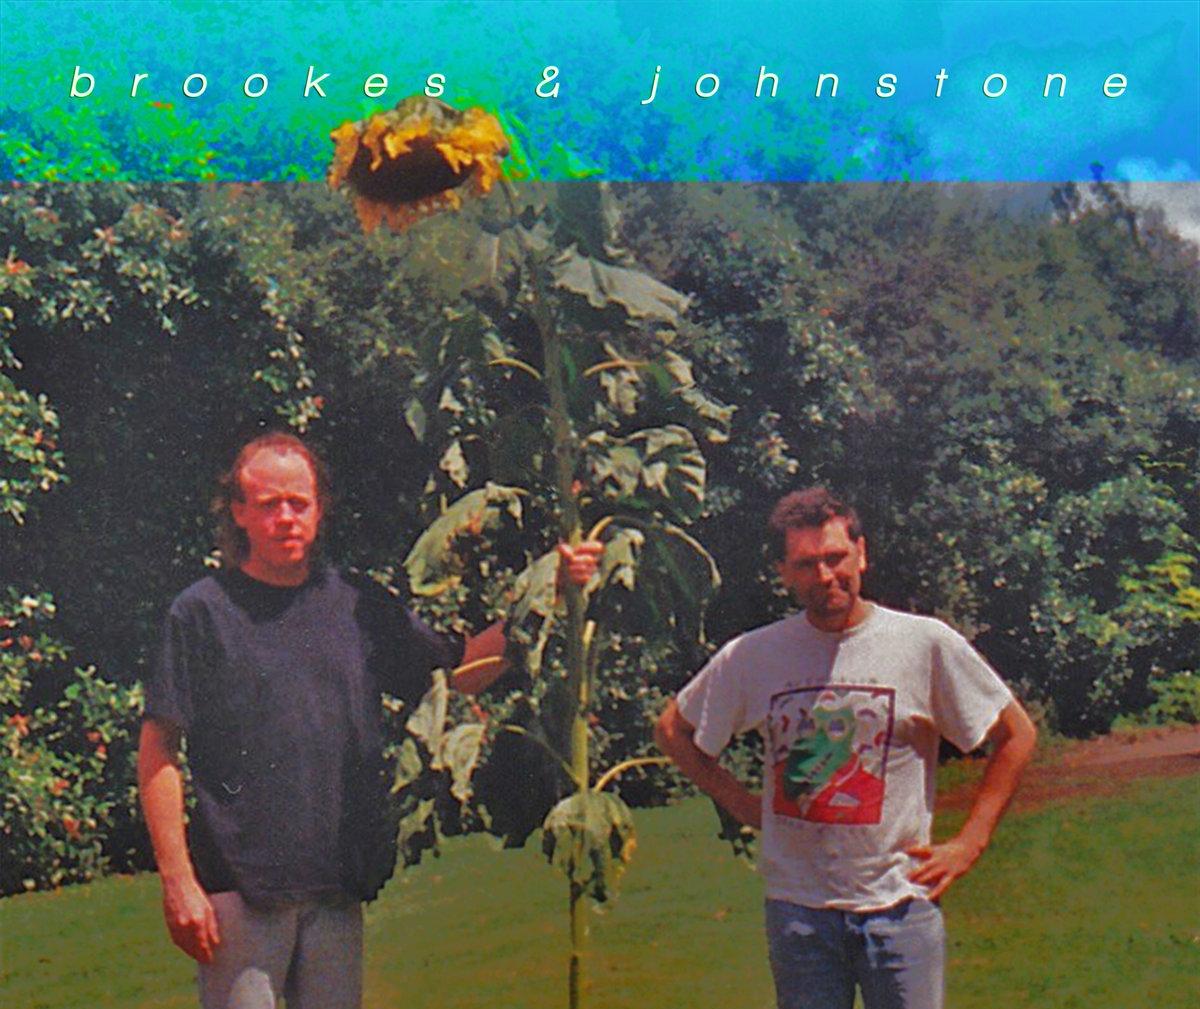 BROOKES & JOHNSON